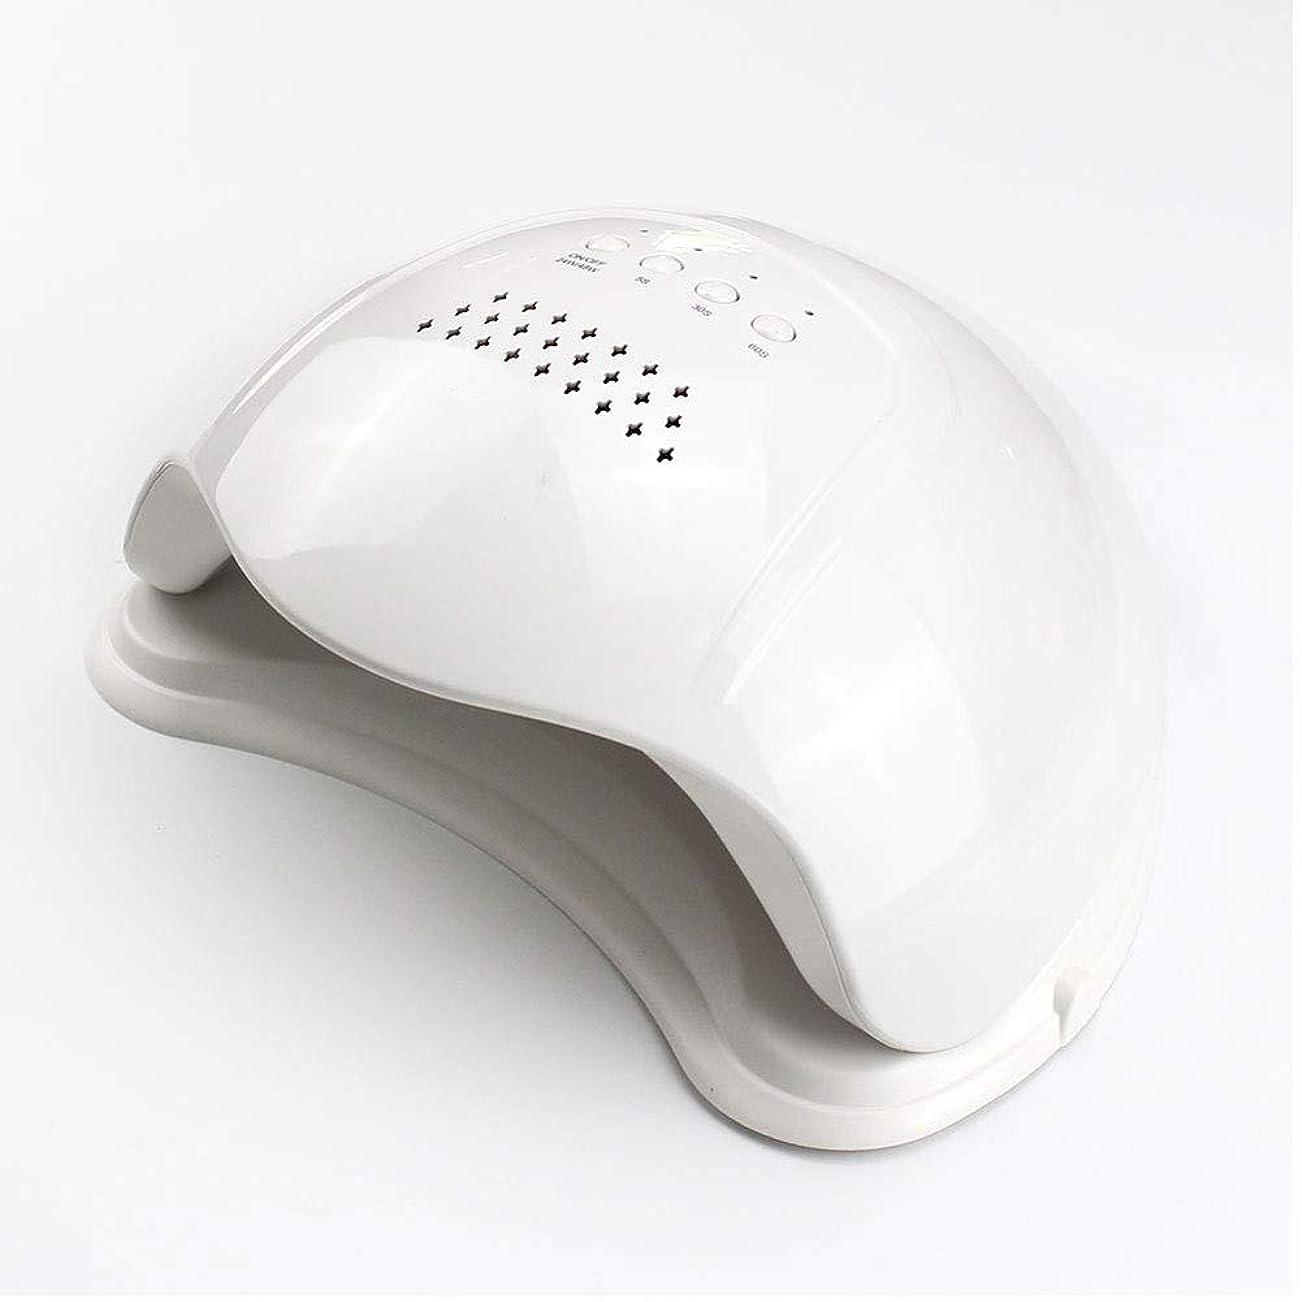 枕つかの間パラダイスUVネイルランプ、48W省エネと環境保護ネイル光線療法機、LED UVネイルツールネイルドライヤー